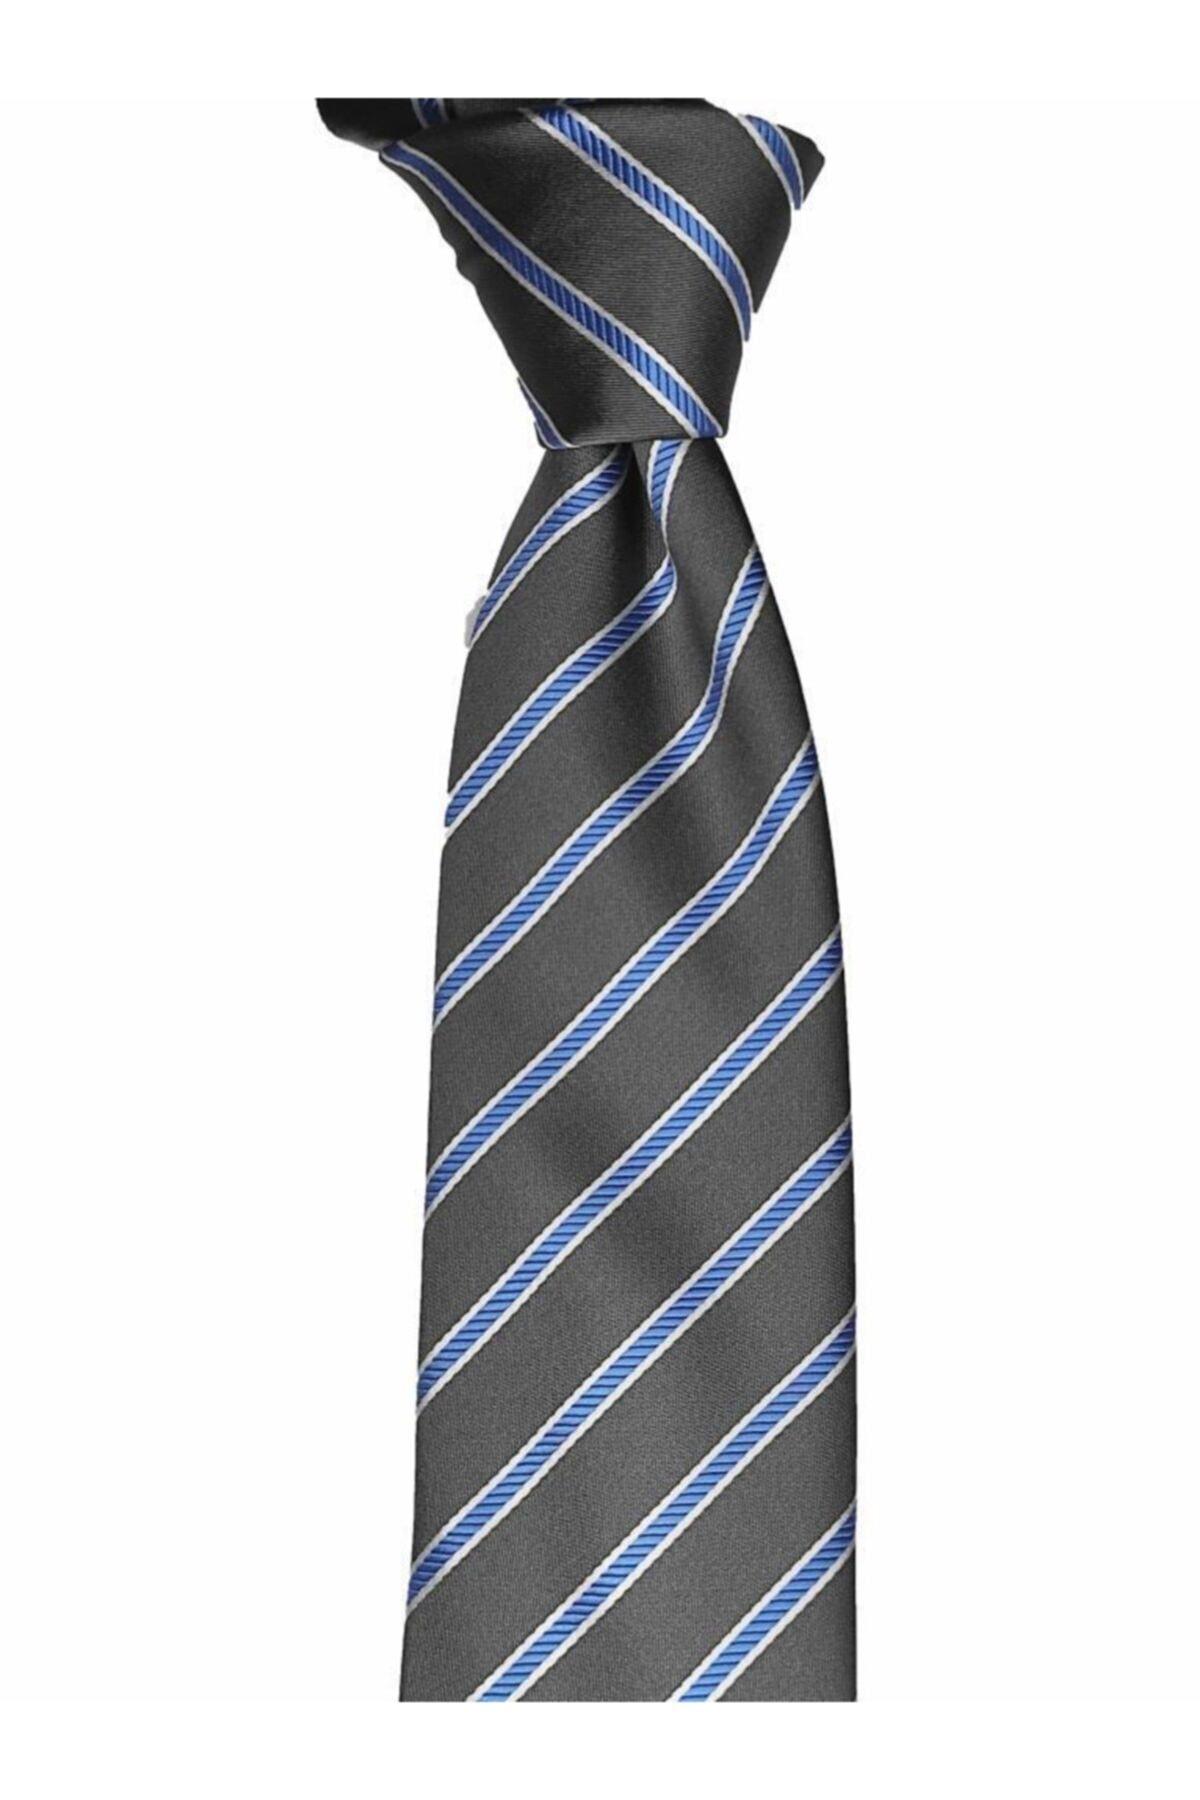 خرید انلاین کراوات طرح دار برند Brianze رنگ آبی کد ty63318655